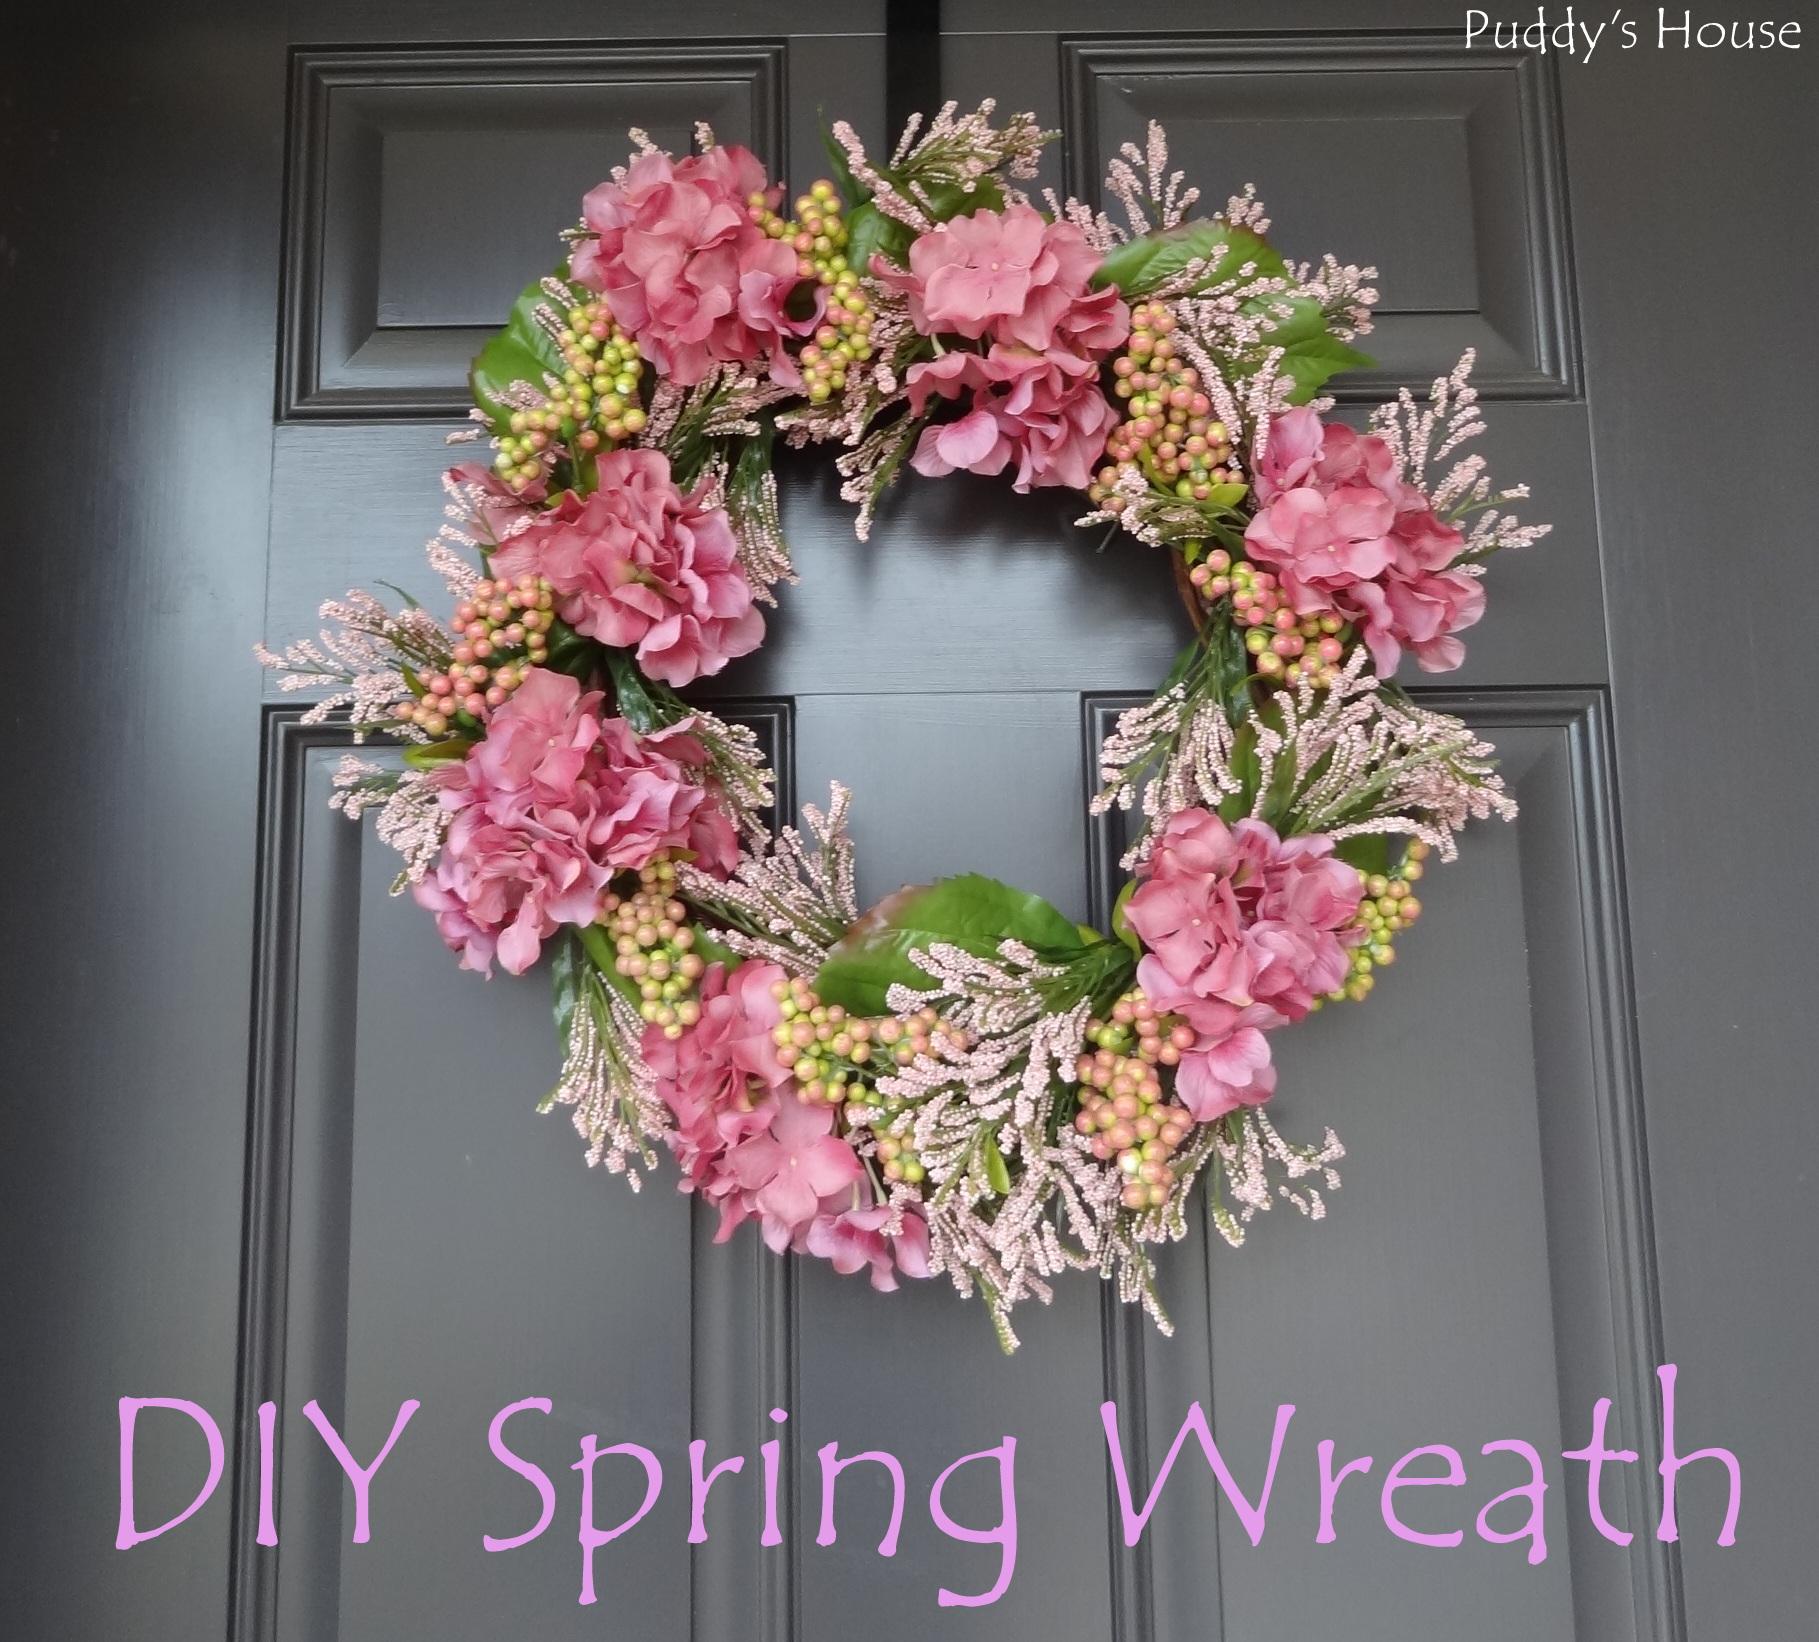 diy spring wreath. Black Bedroom Furniture Sets. Home Design Ideas